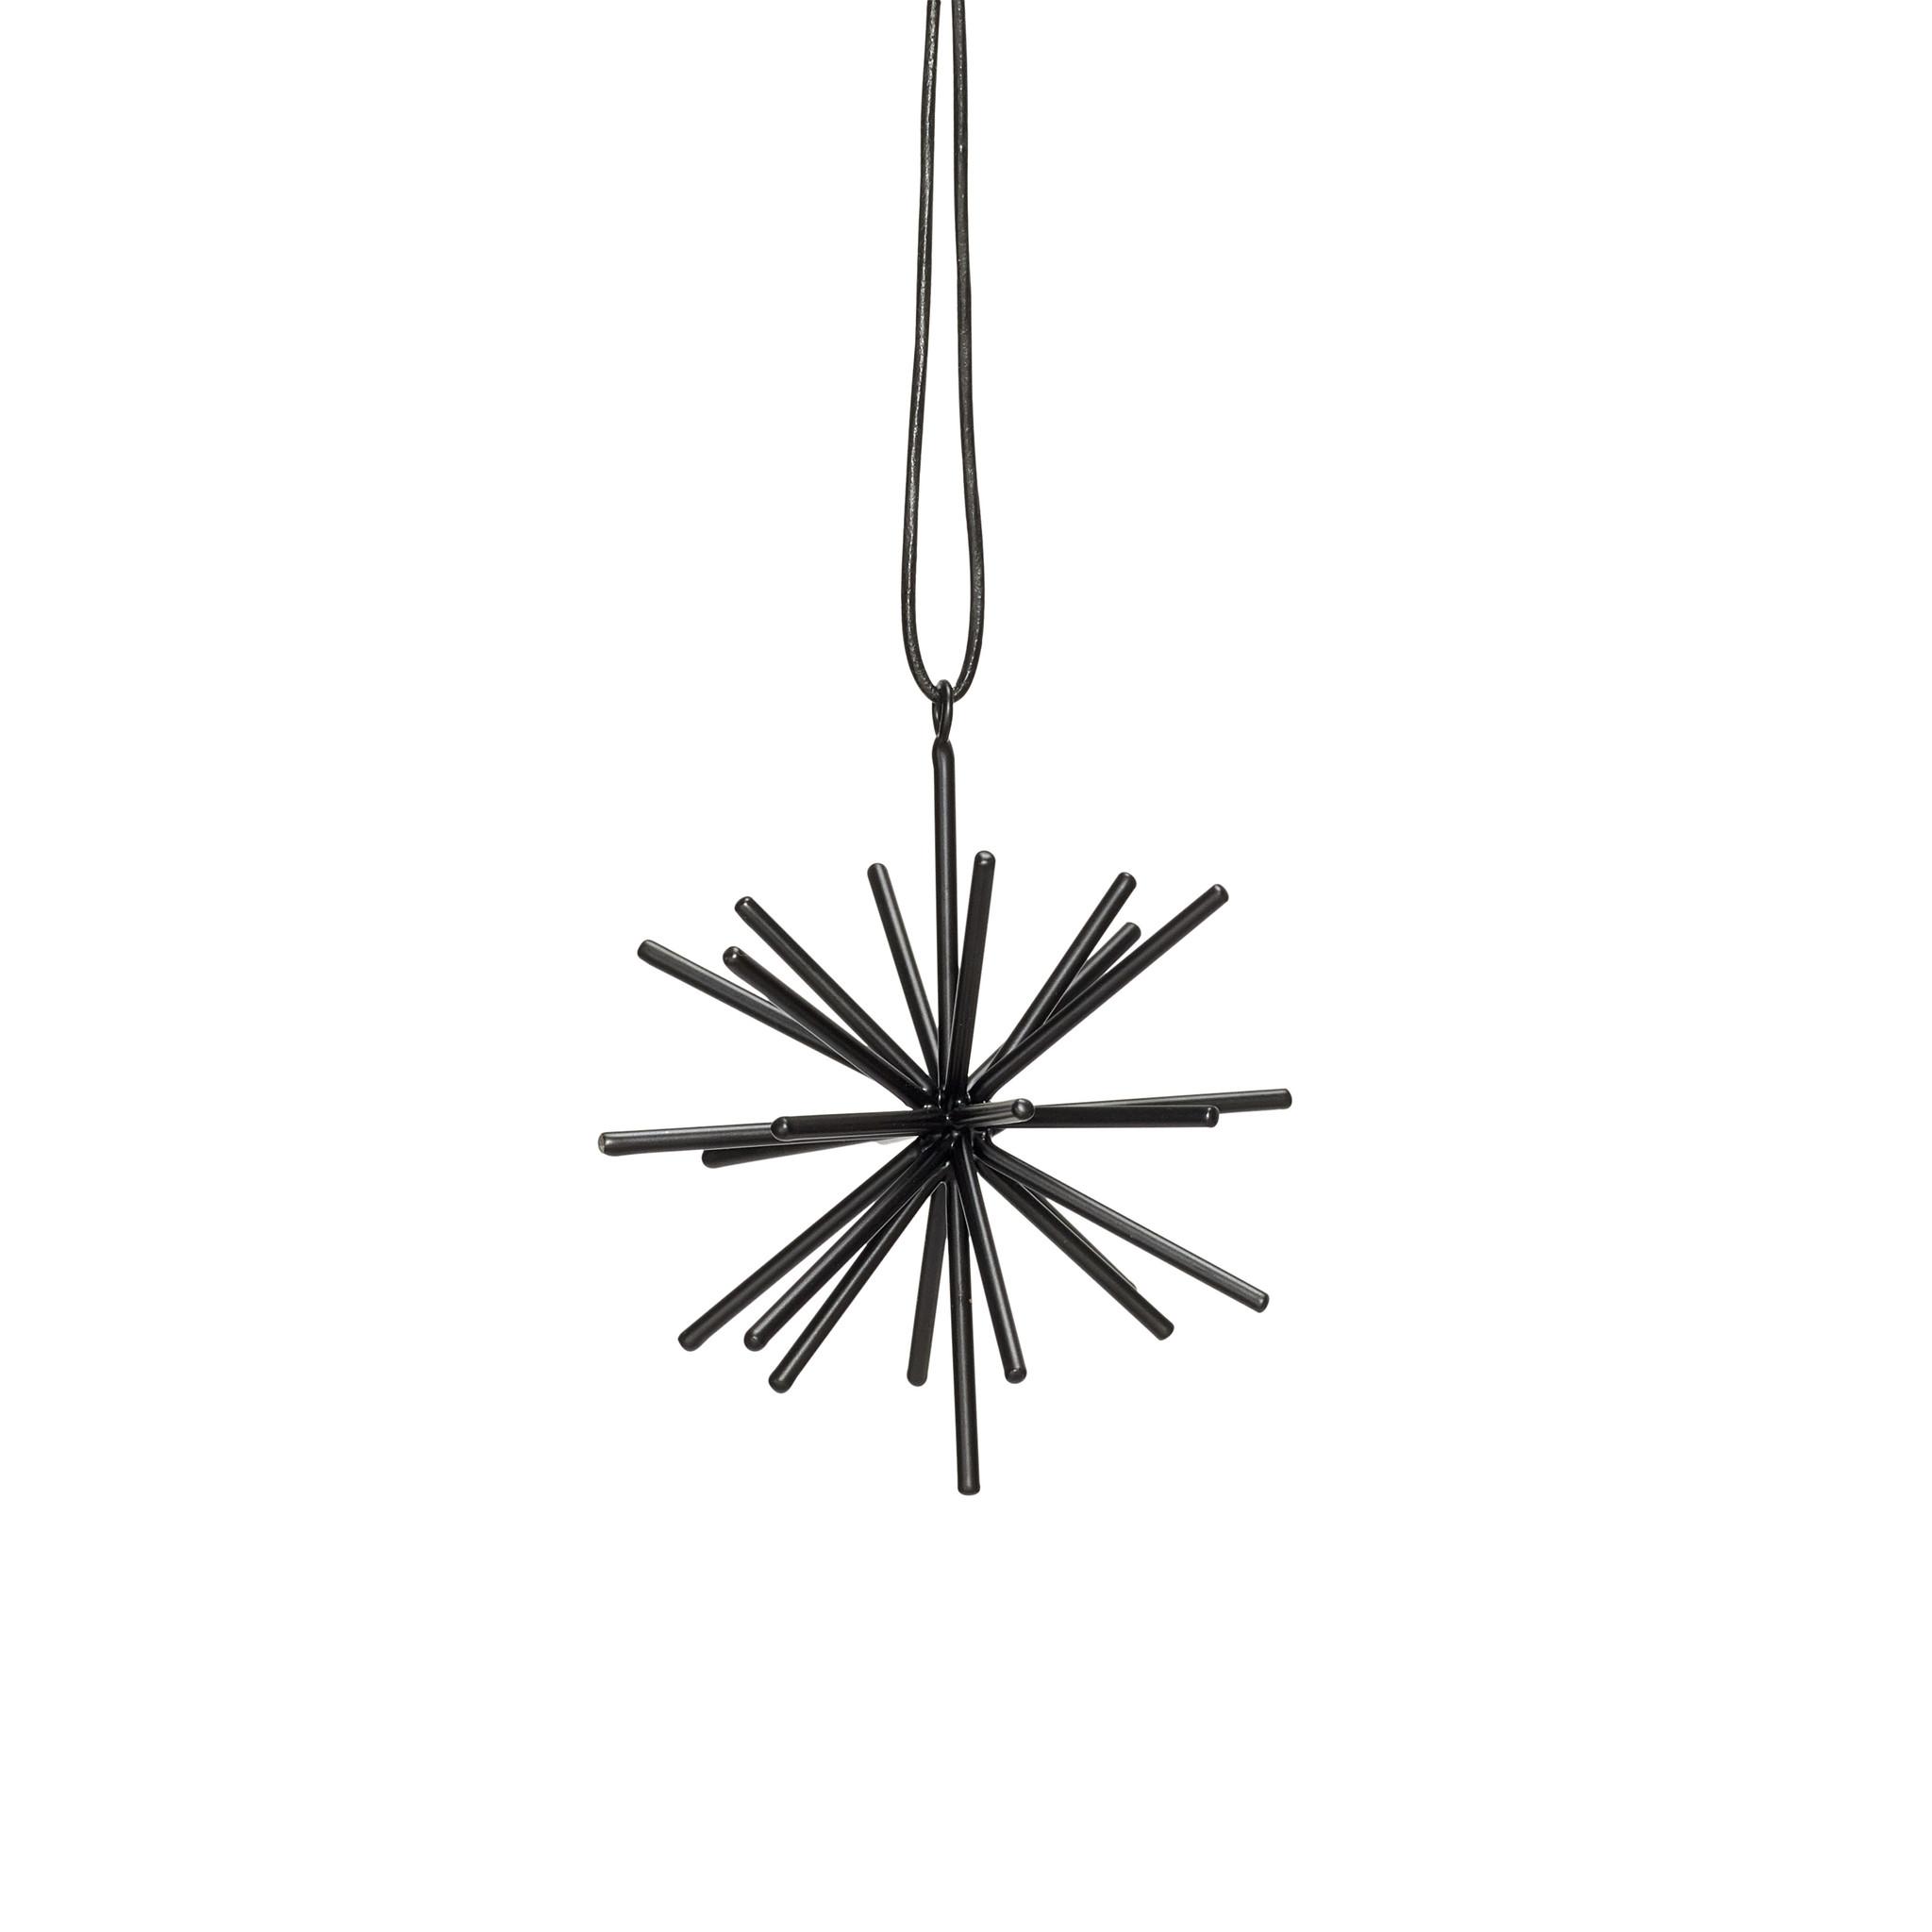 Hubsch Ster met lederen band, metaal, zwart, klein